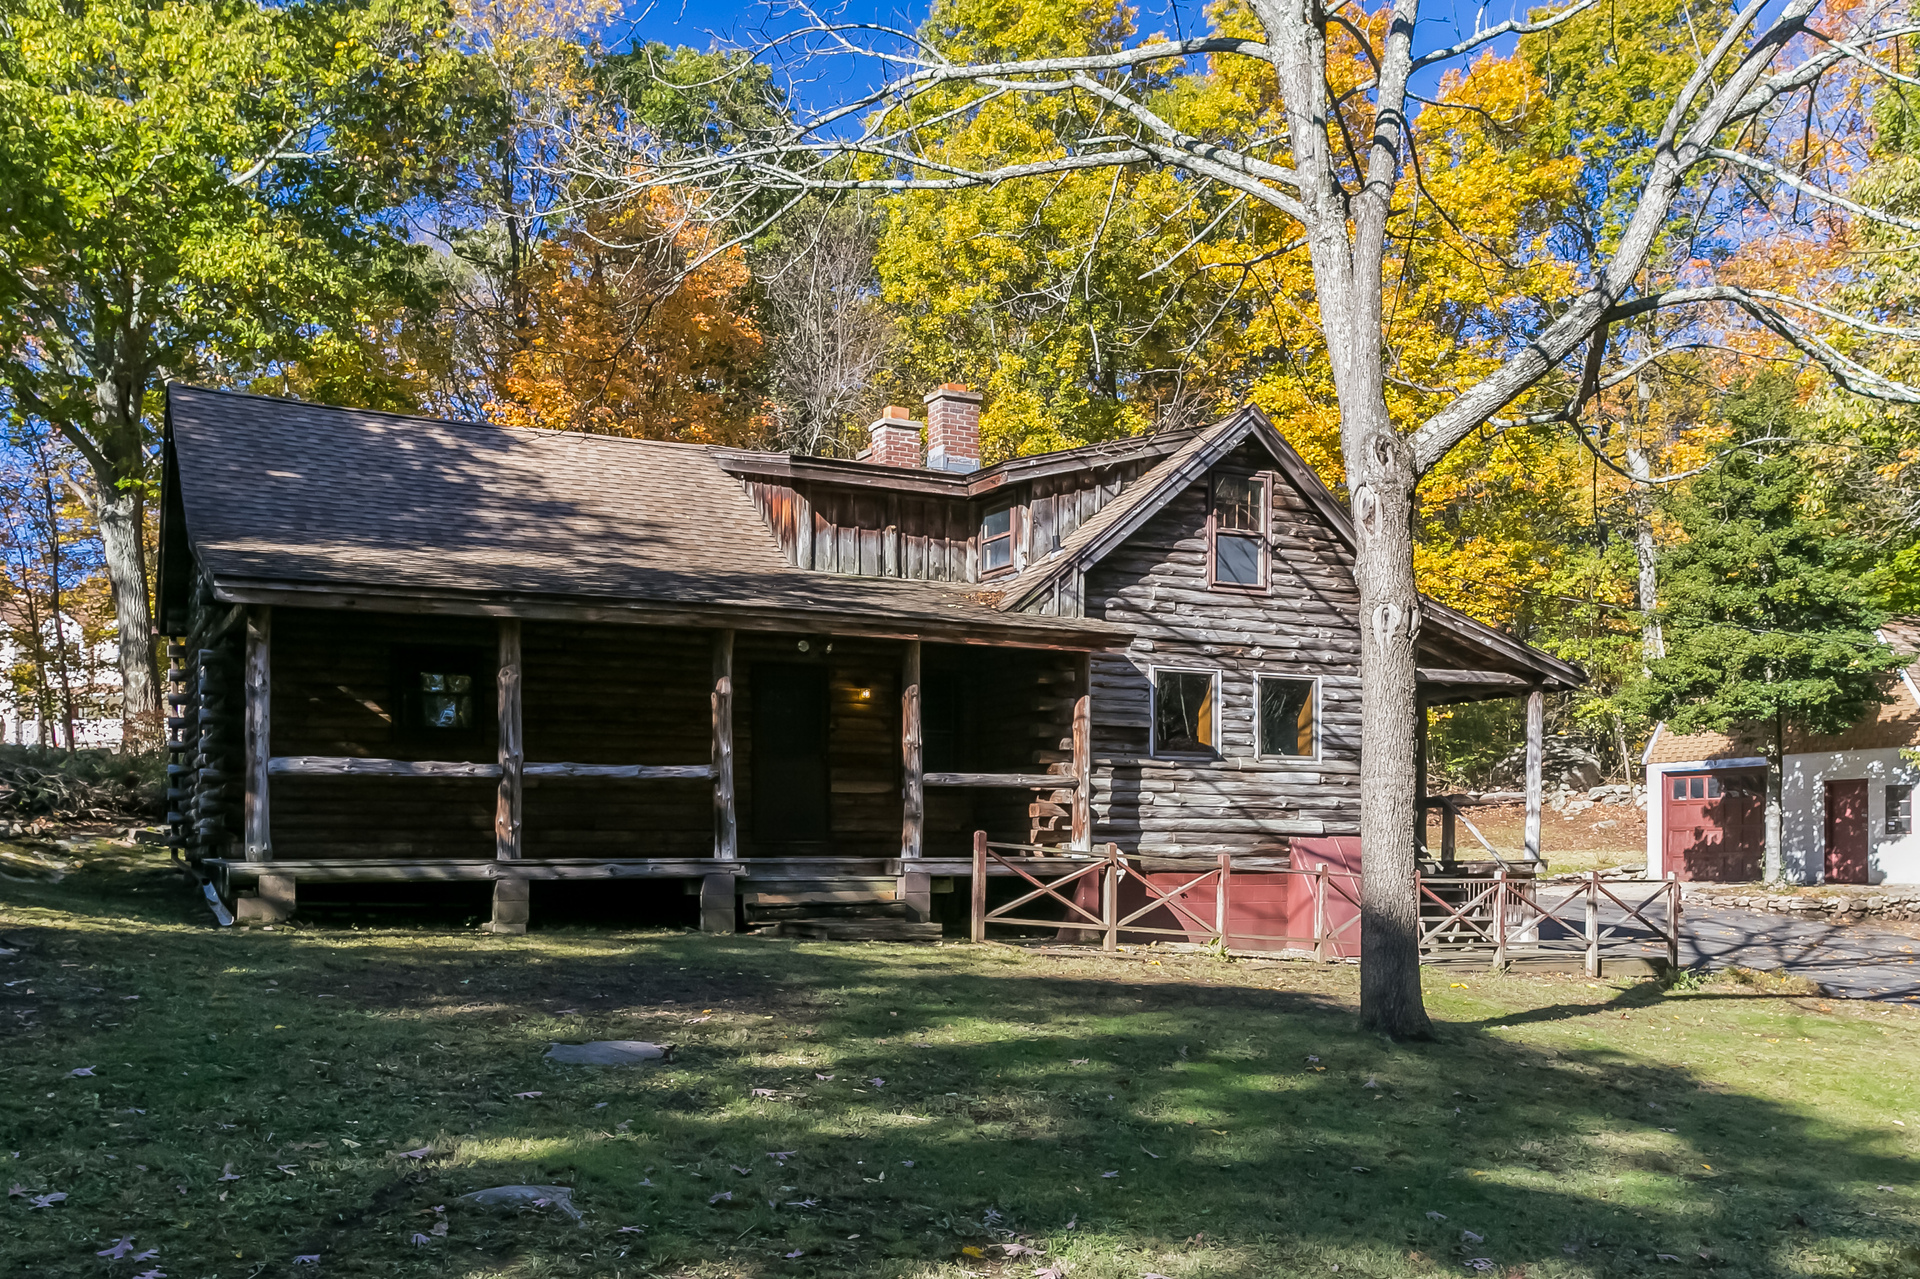 独户住宅 为 销售 在 7 Old New England Rd 布兰福德, 康涅狄格州, 06405 美国